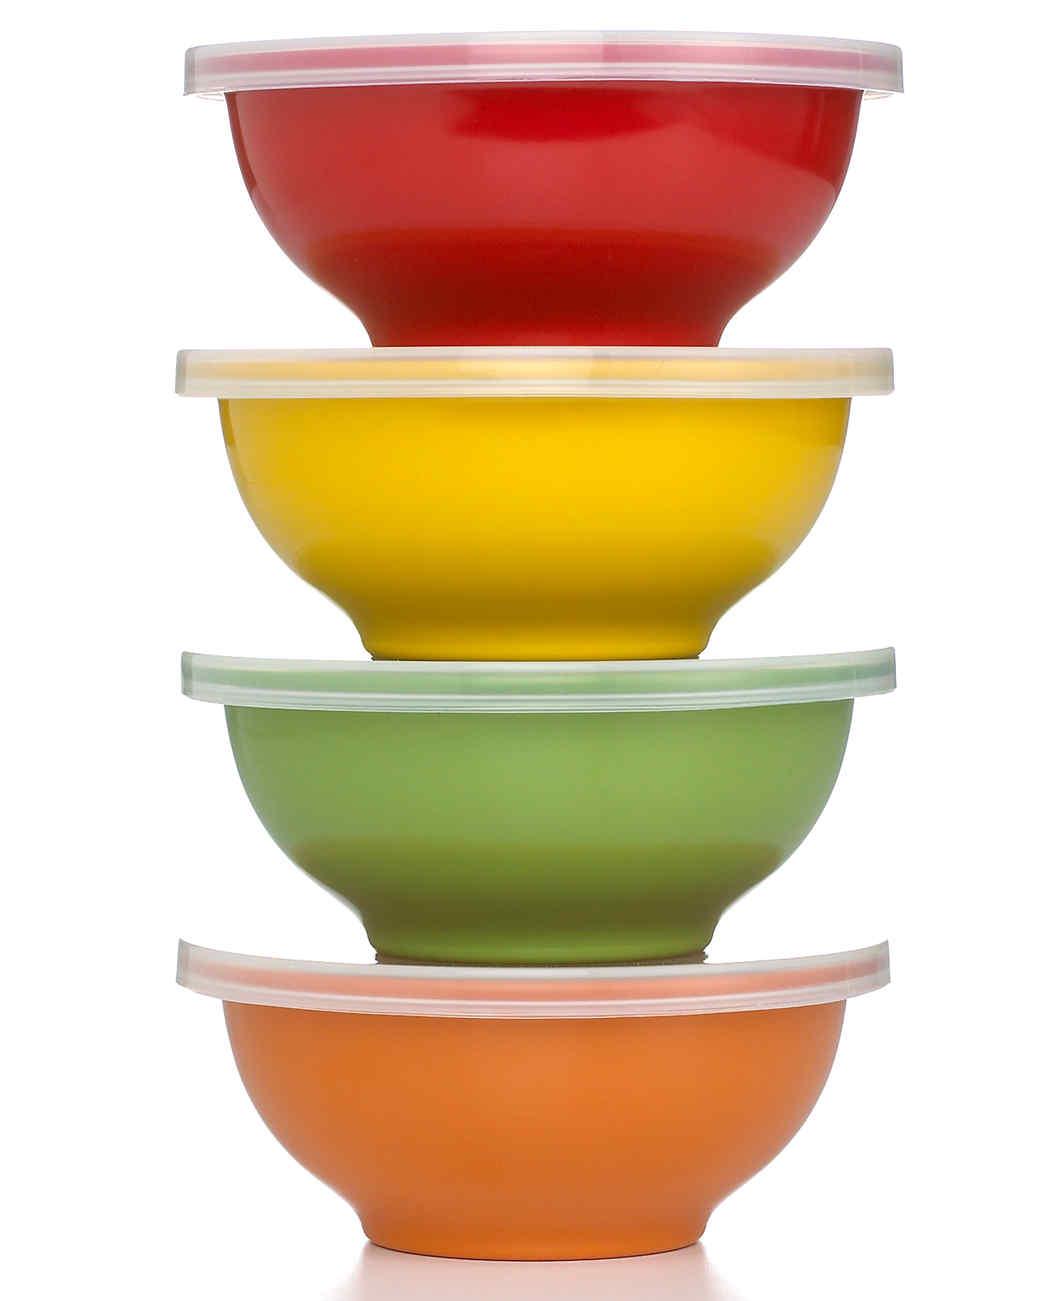 food-basket-stacking-bowls-0116.jpg